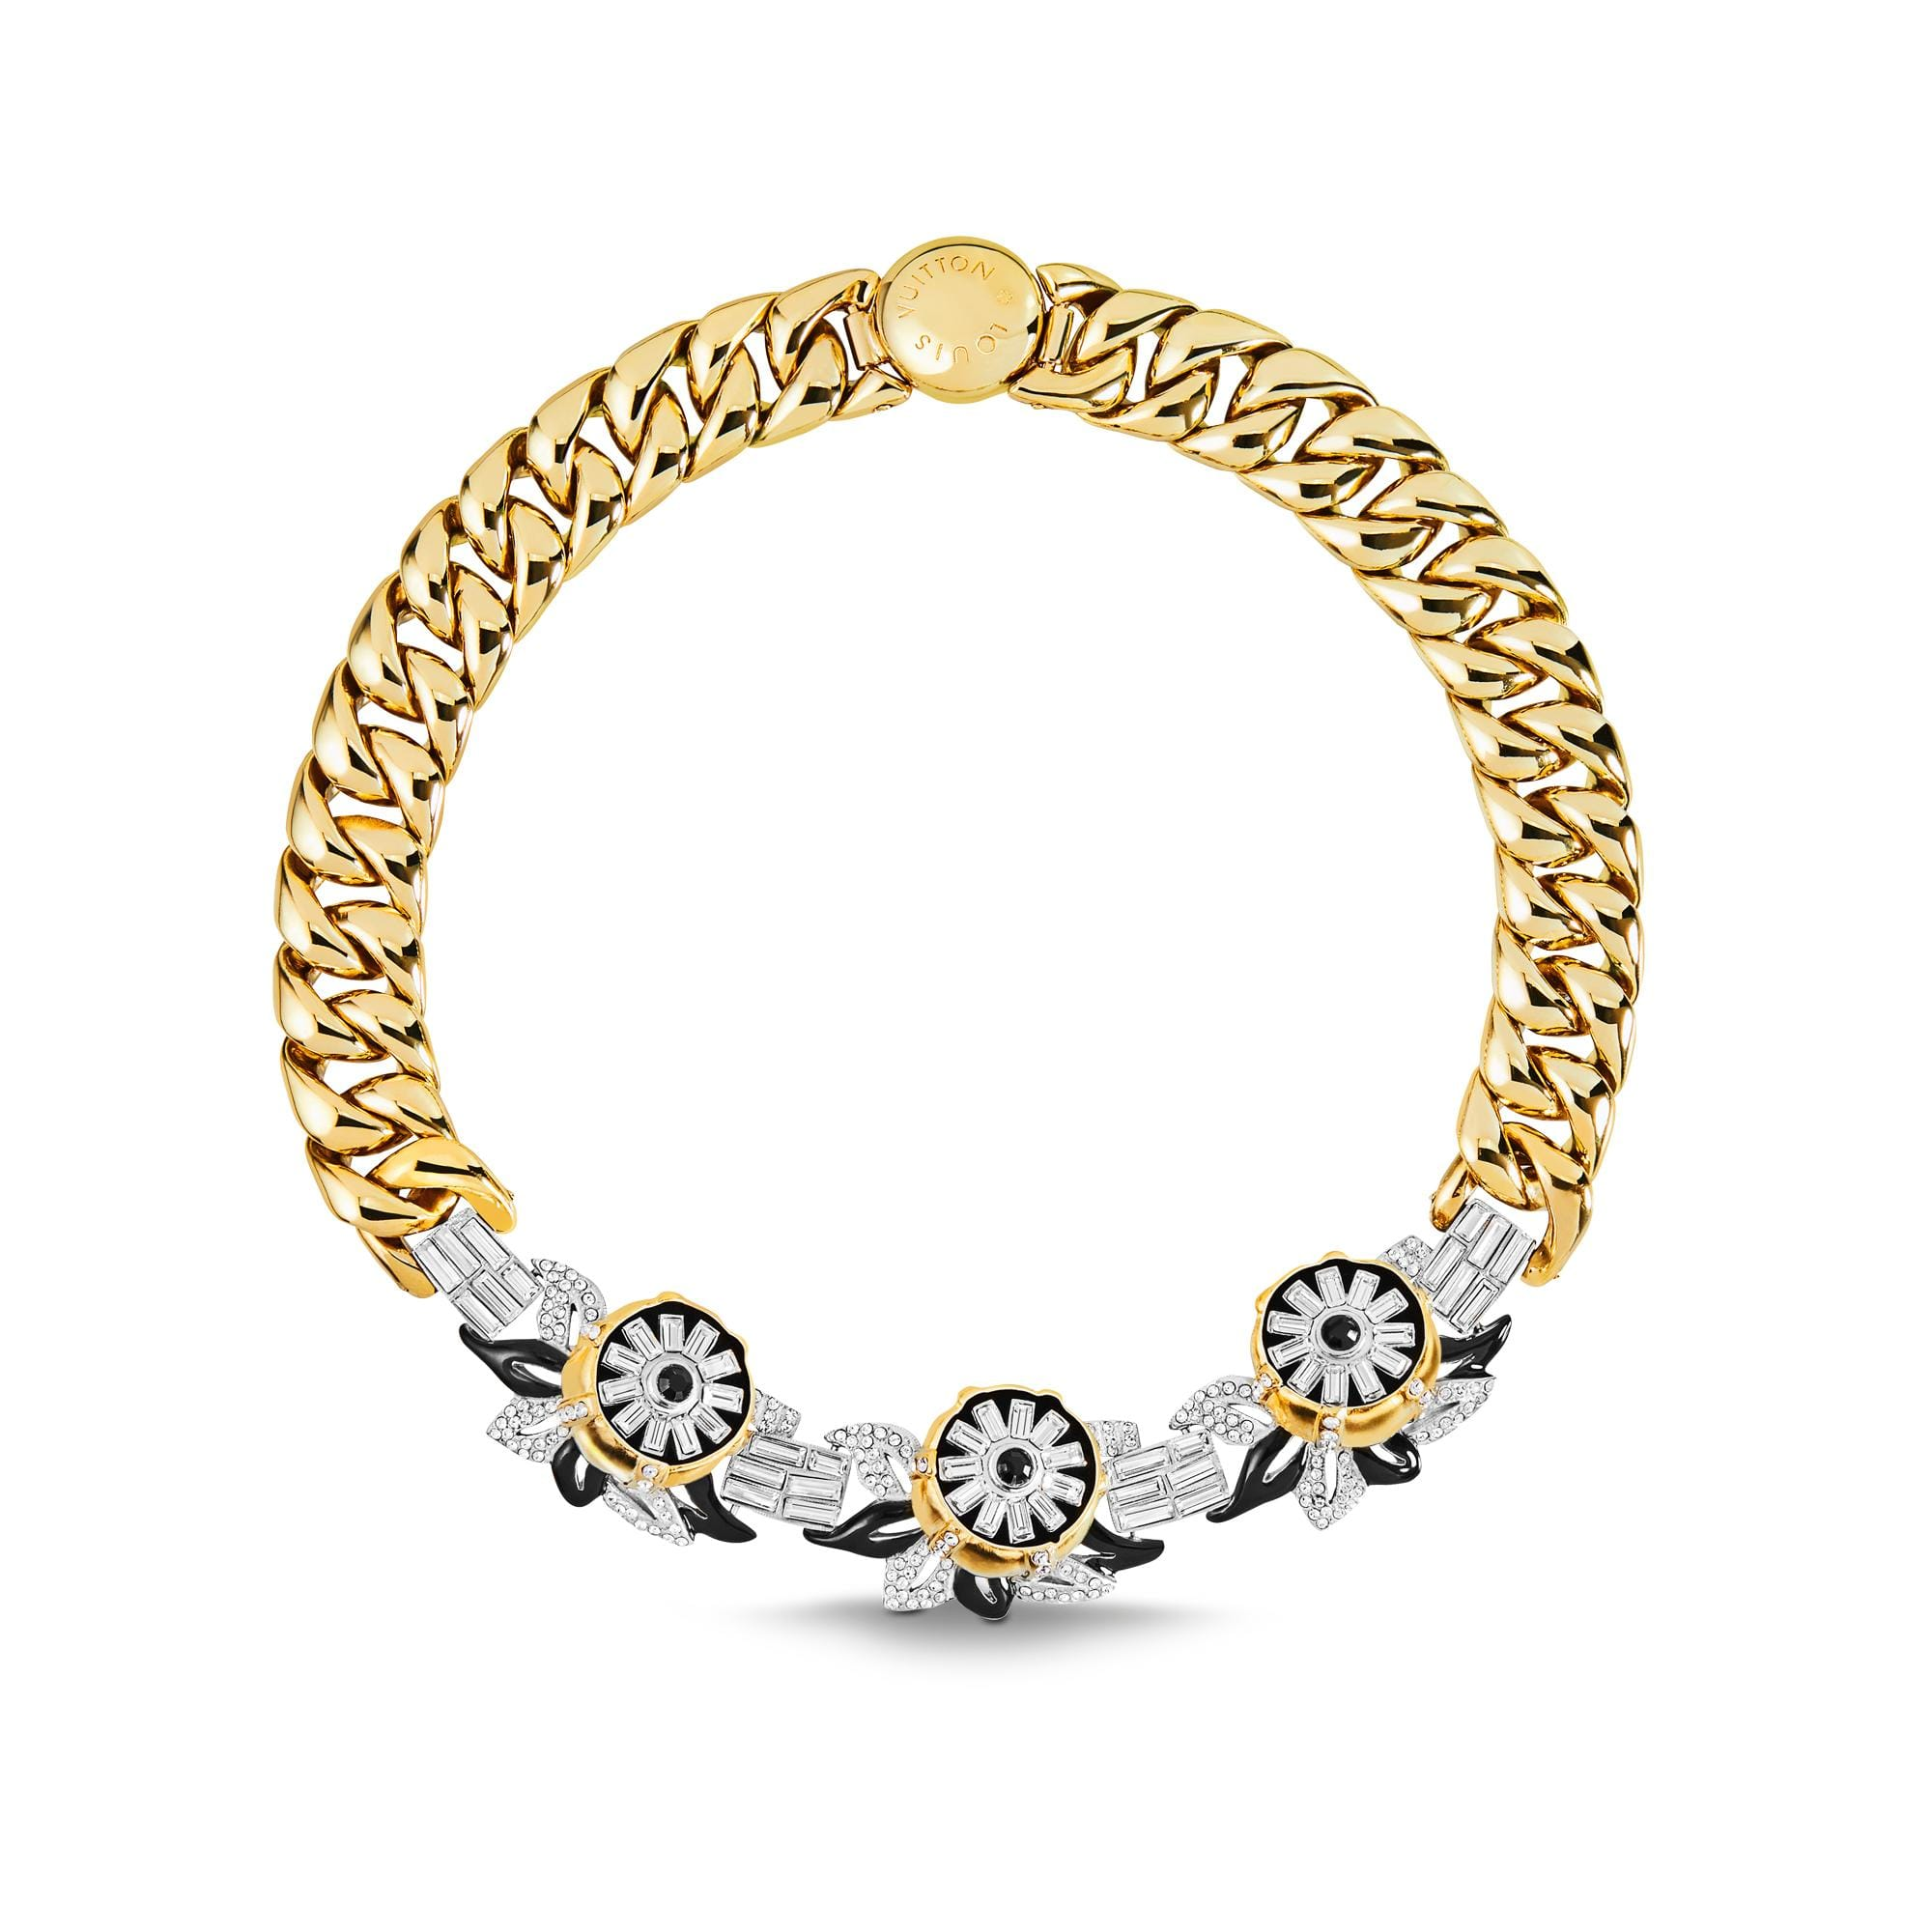 Louis Vuitton Necklace Winsdor Fleur Crew